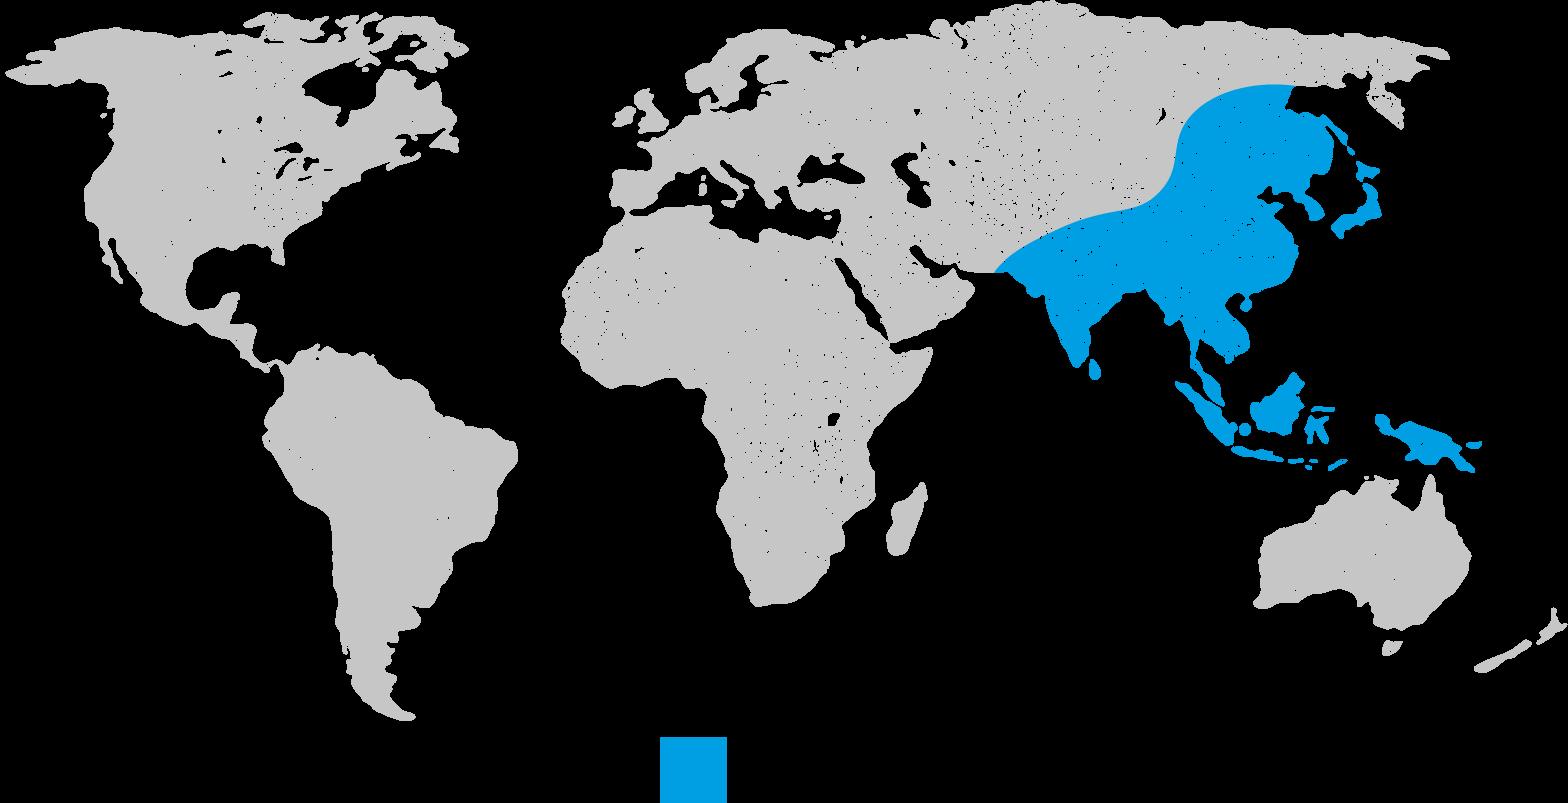 japanese-encephalitis-disease-map   Nomad on